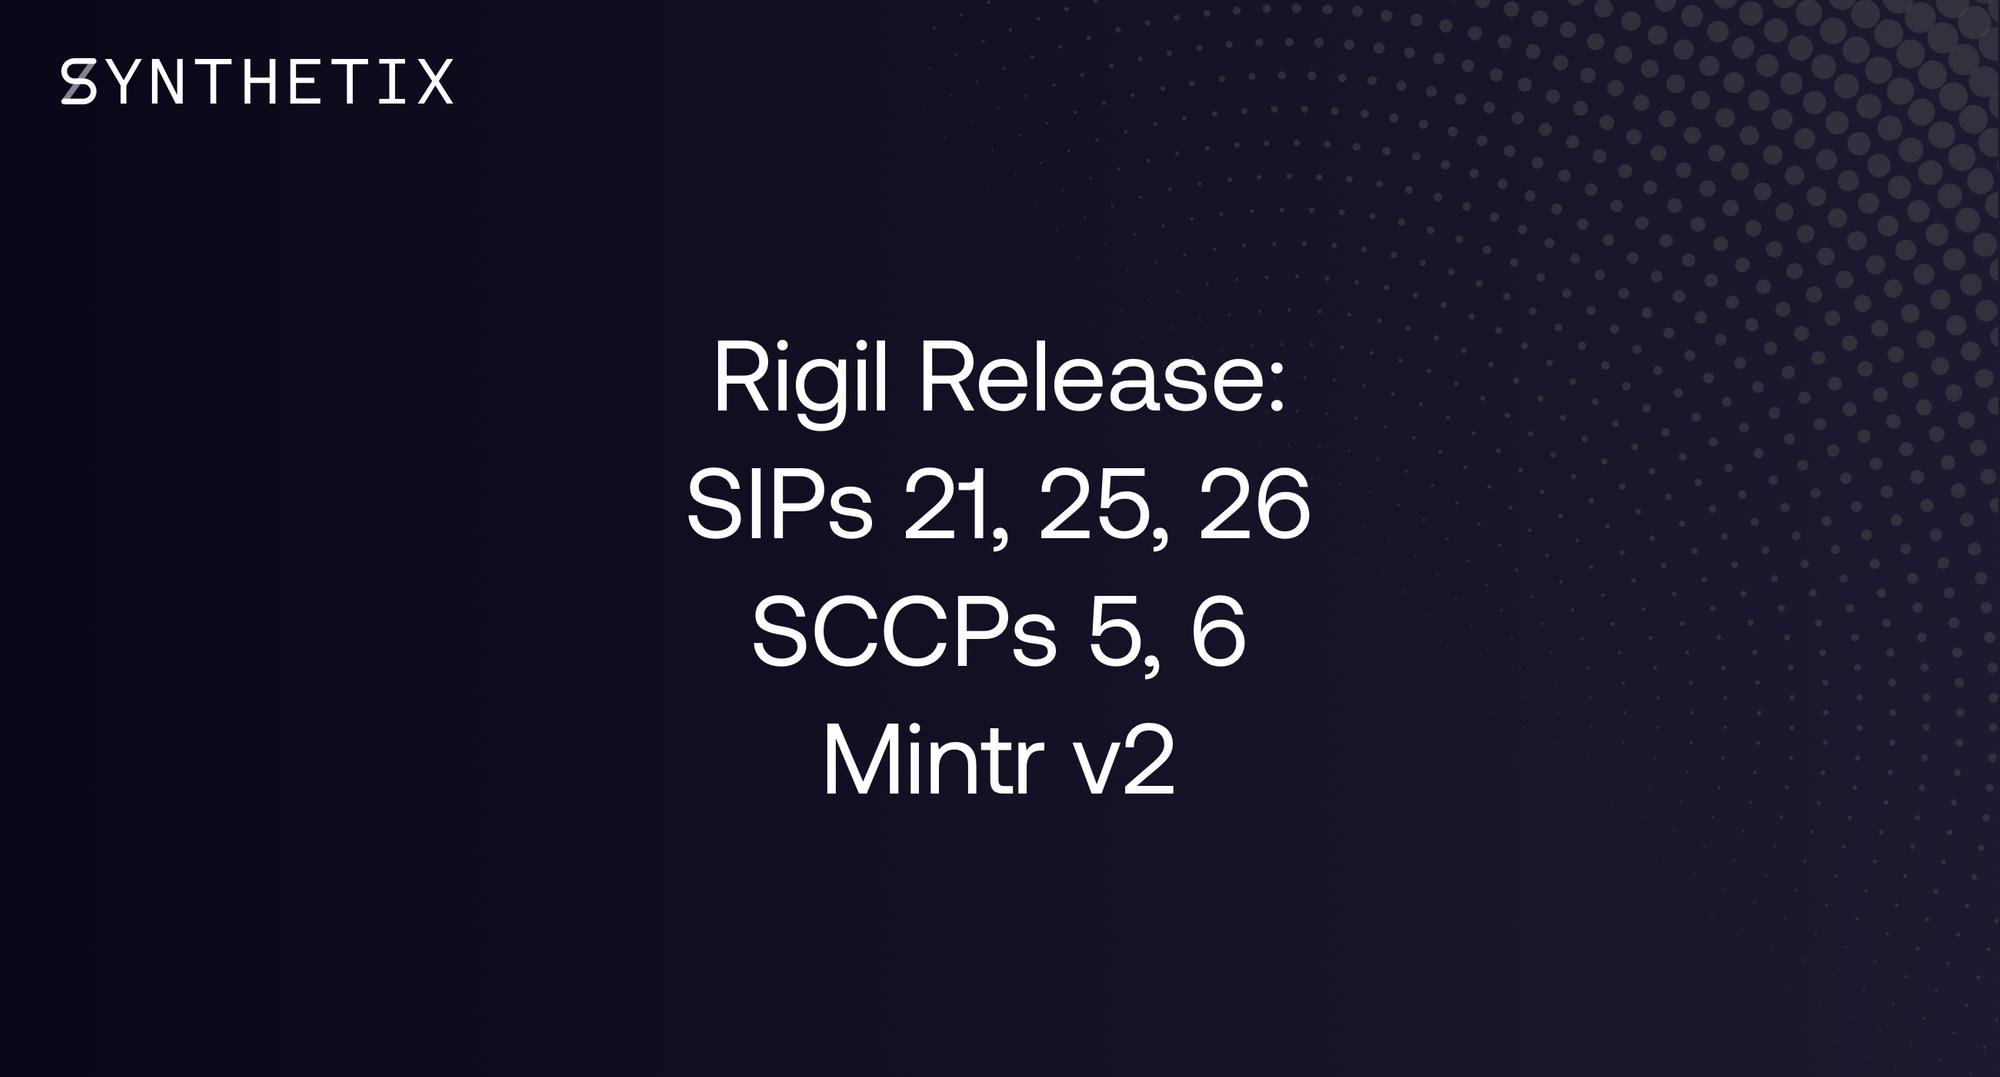 The Rigil Release